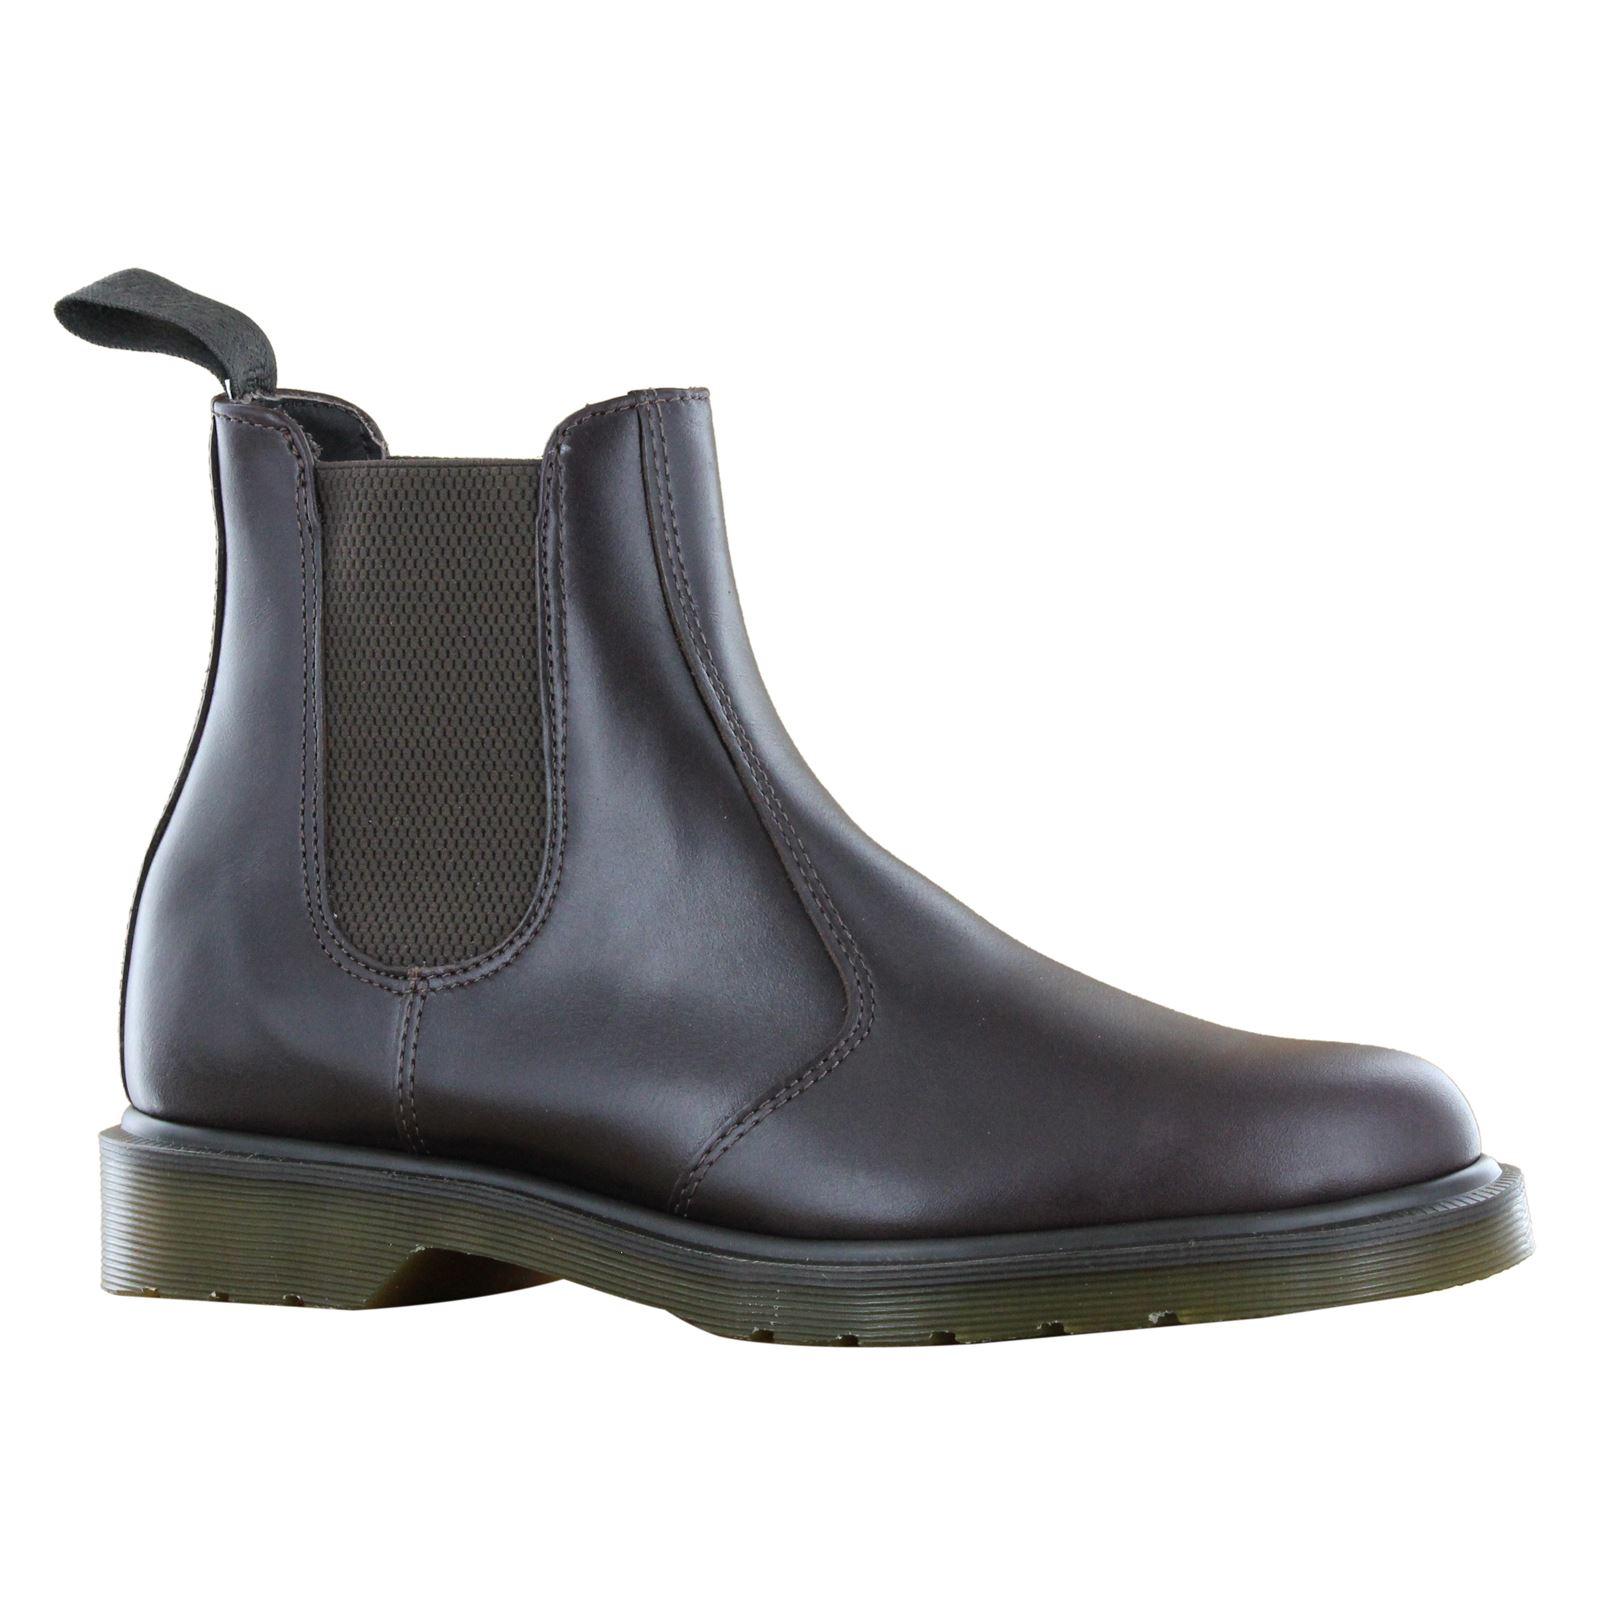 dr martens classic original chelsea dealer leather slip on mens ankle boots ebay. Black Bedroom Furniture Sets. Home Design Ideas